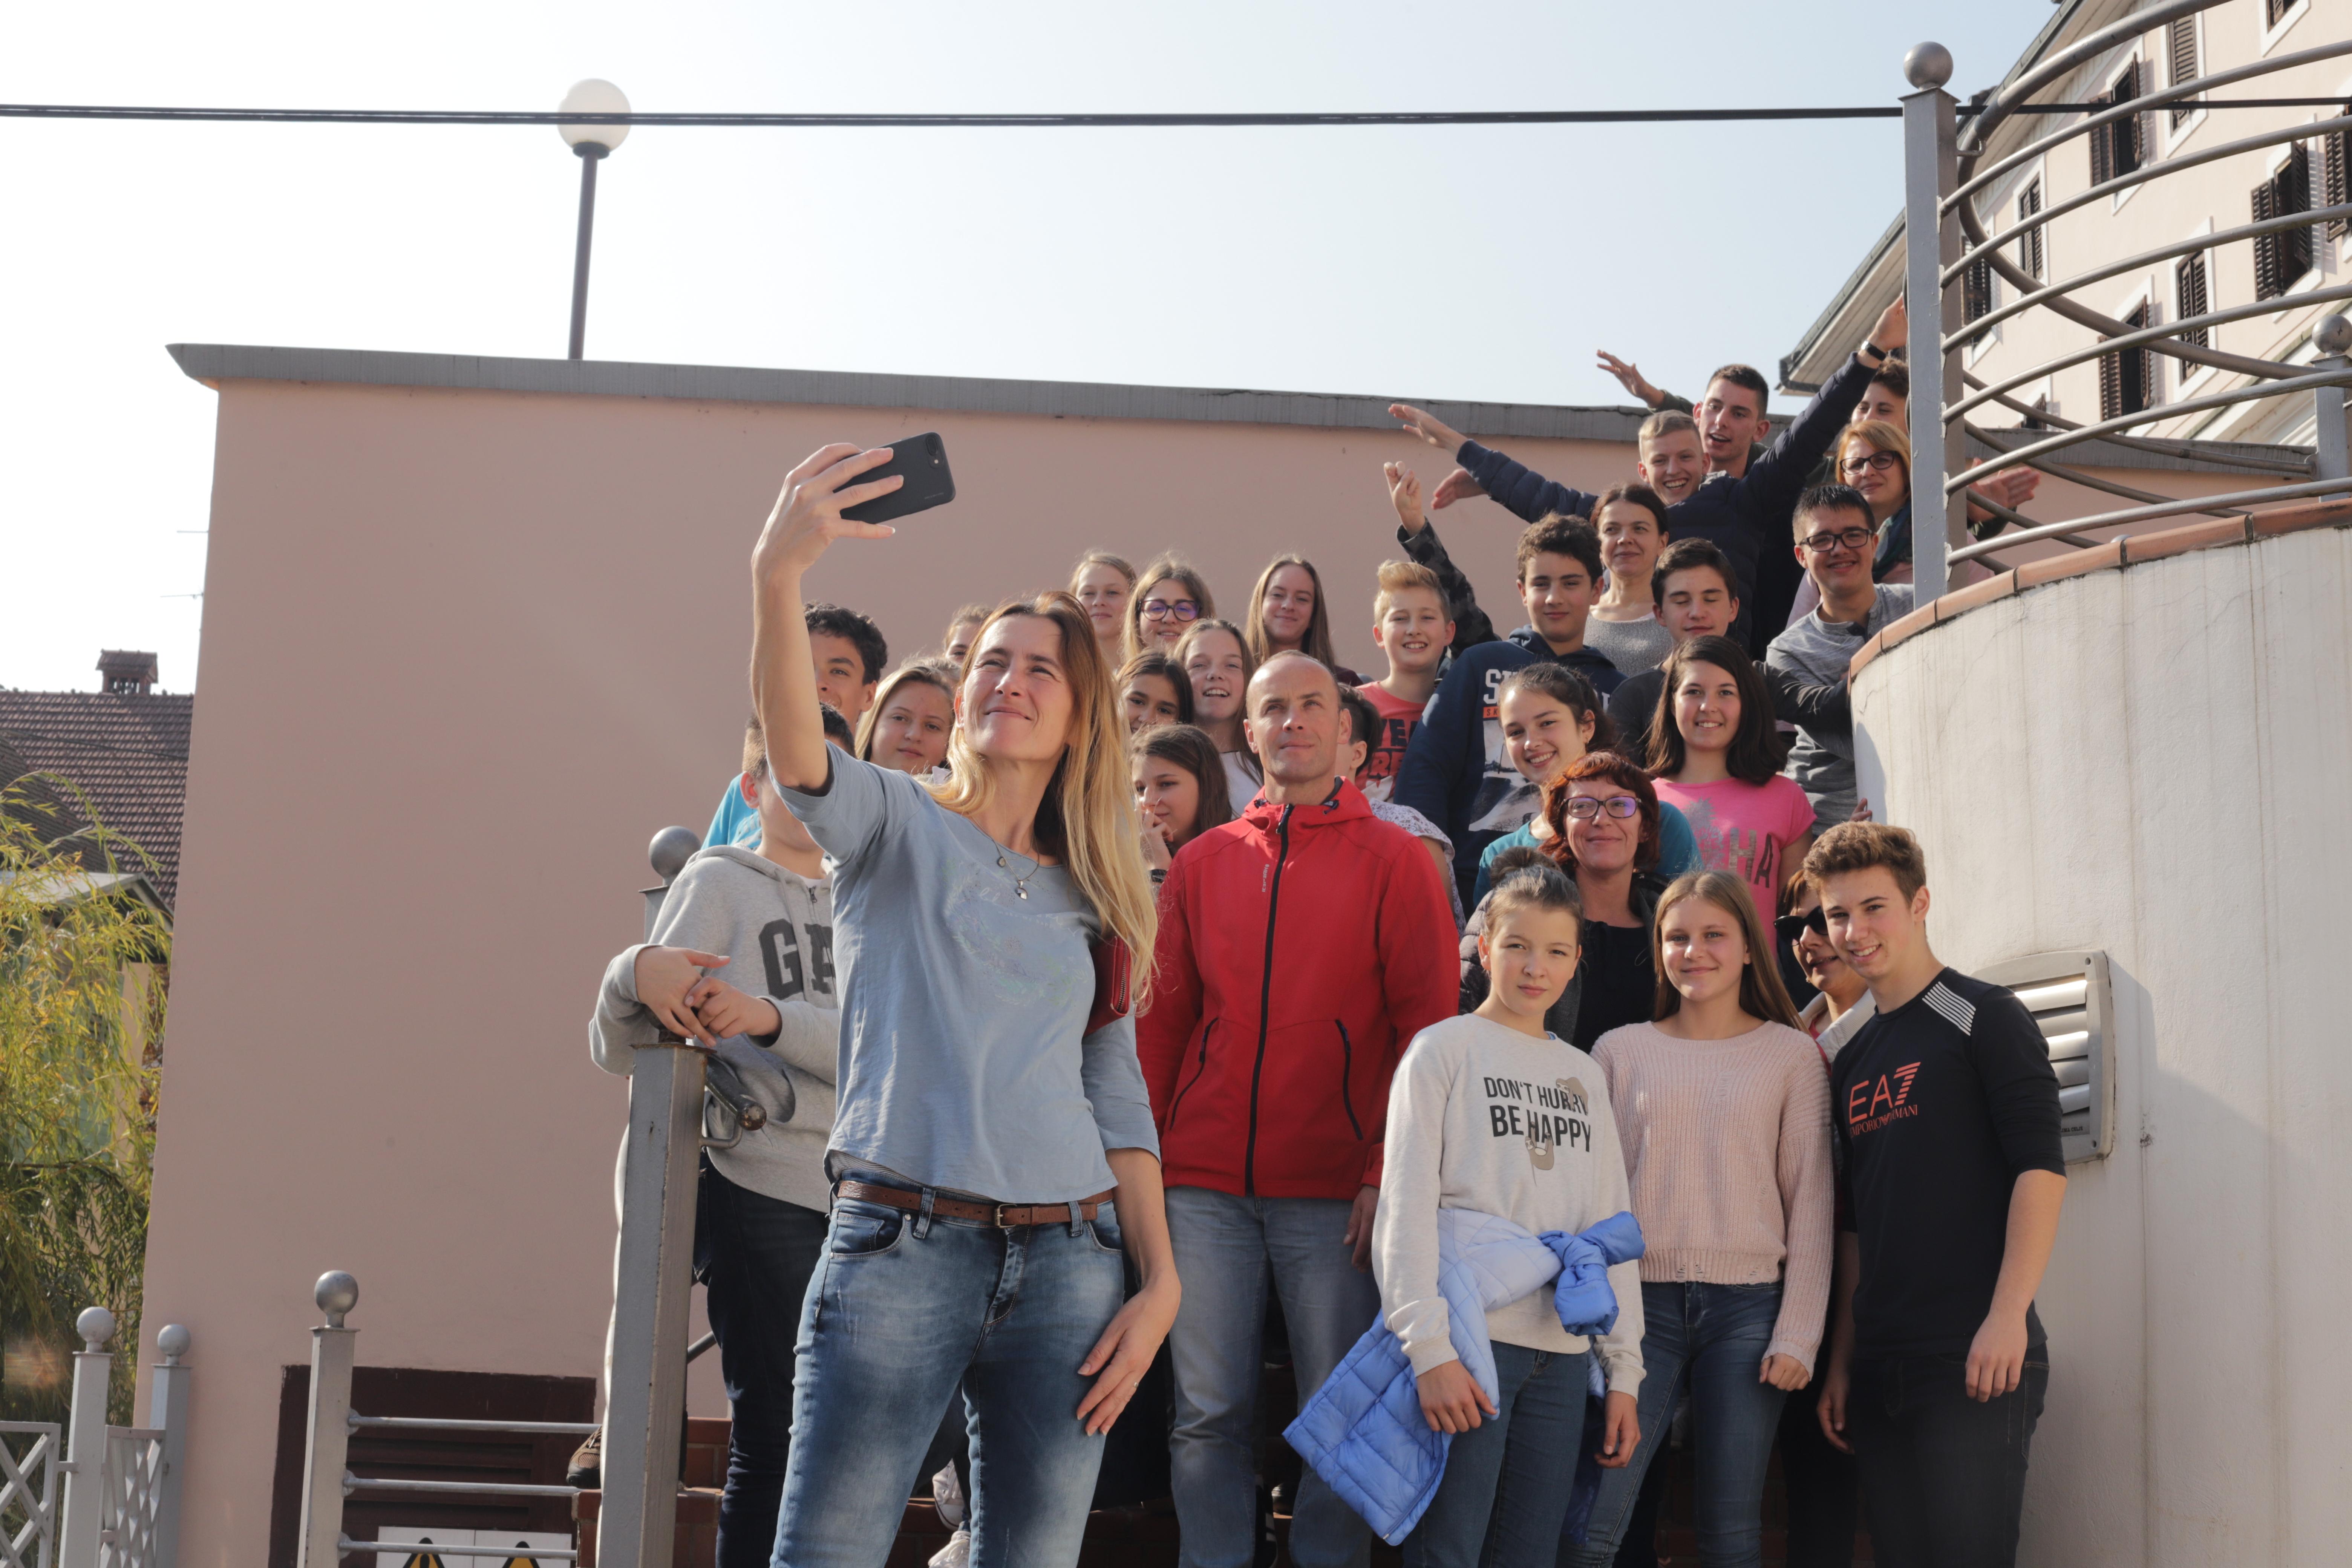 Selfie točka v Dolenjskih Toplicah – nov podjetniški izziv